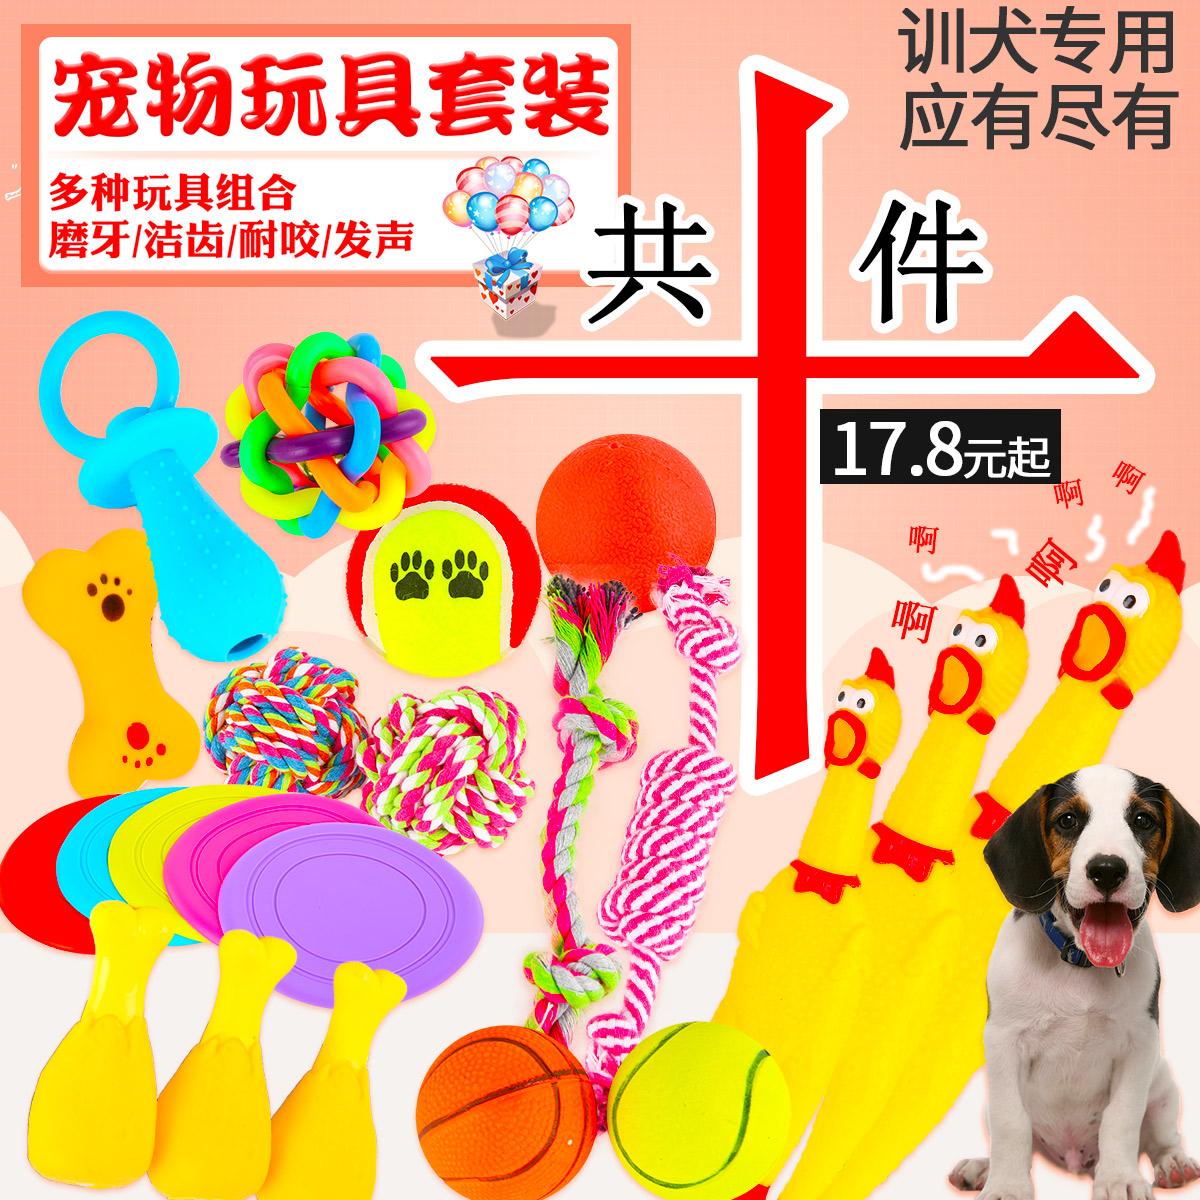 发声磨牙狗狗玩具  6个1元优惠券